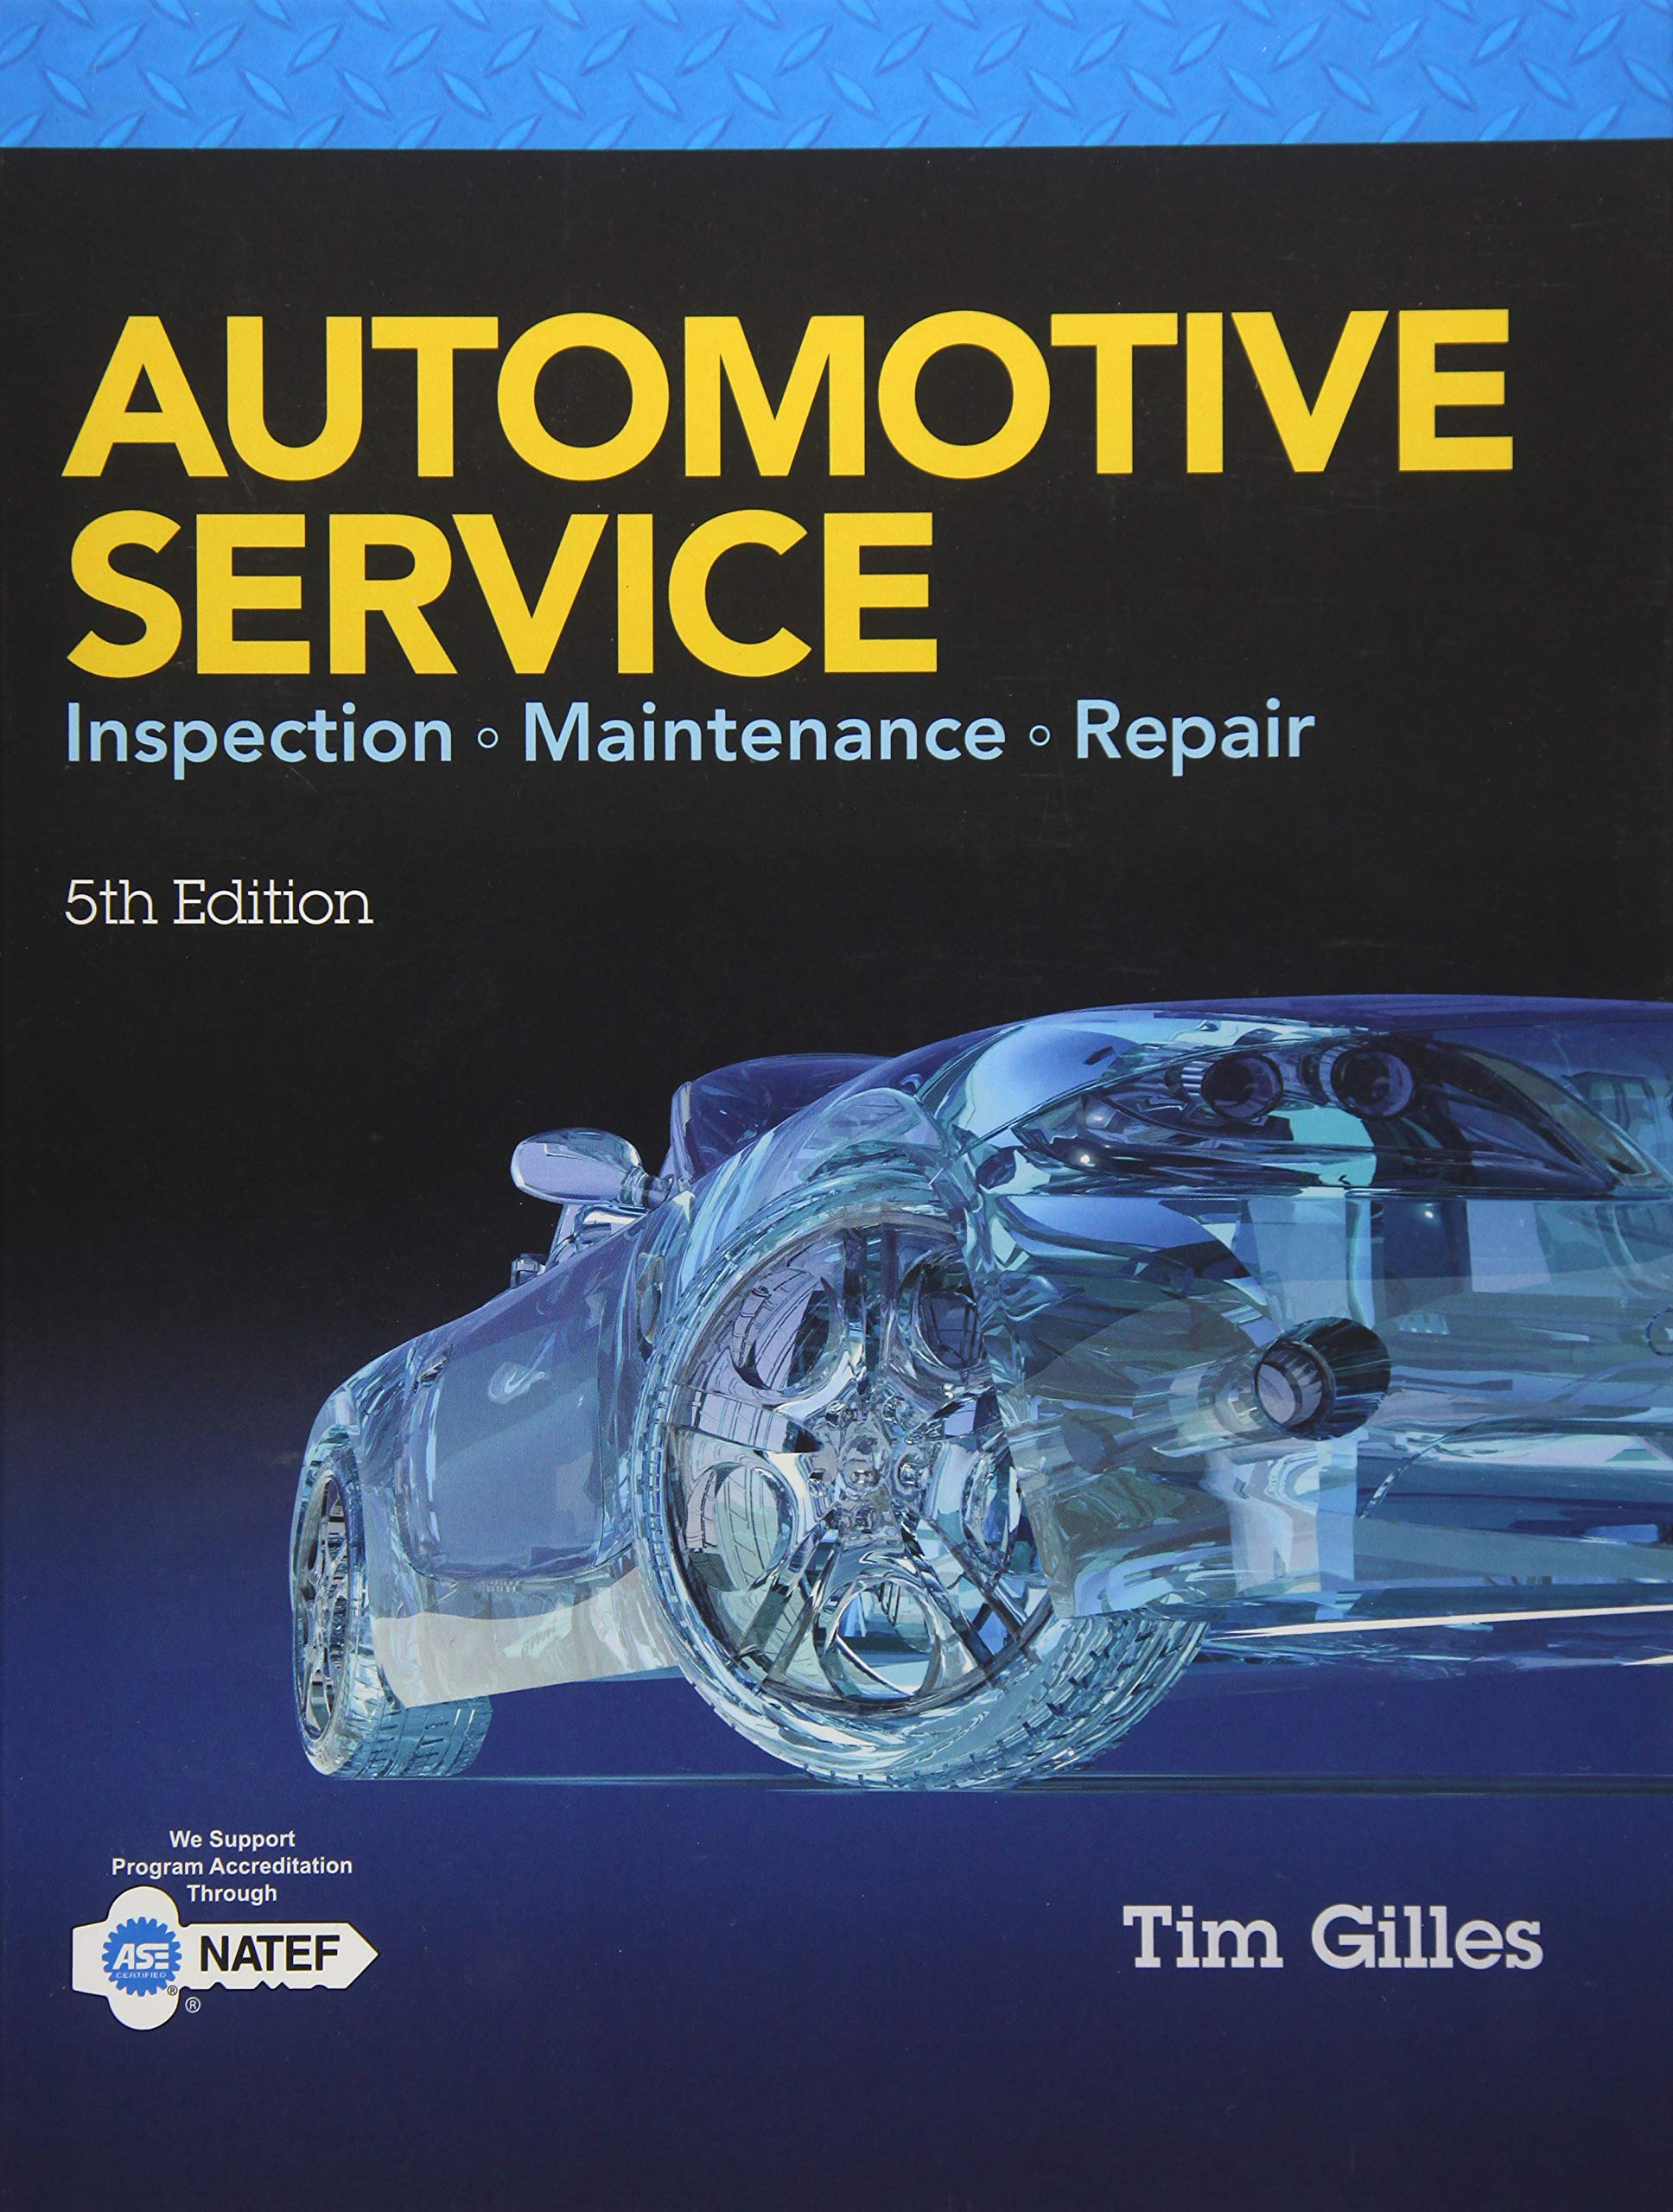 Repair Inspection Maintenance Automotive Service